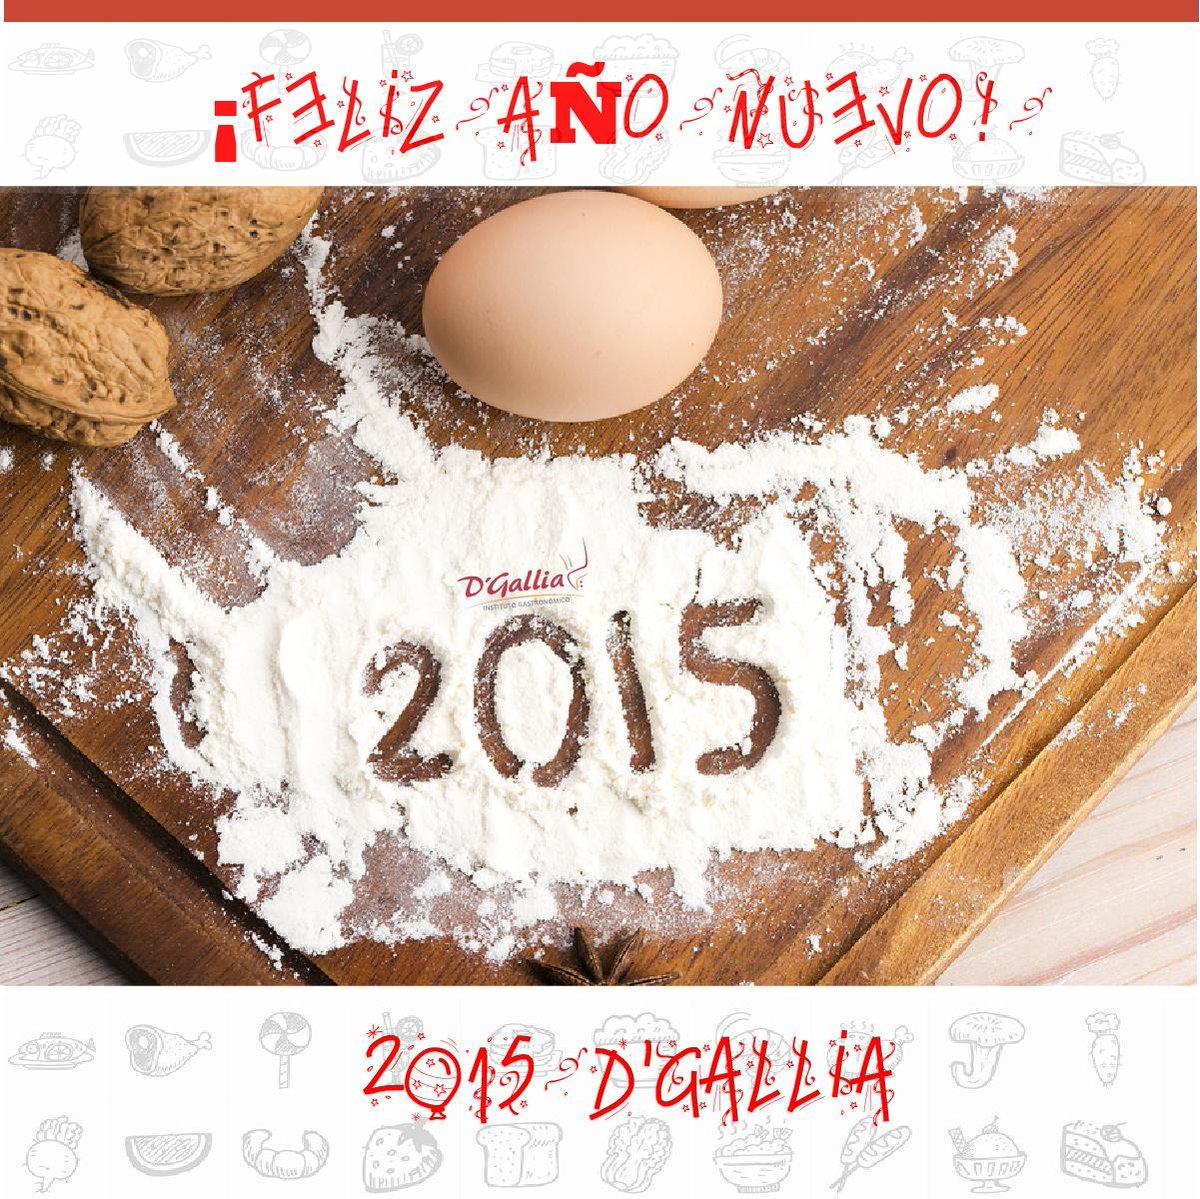 Bienvenido 2015! http://t.co/D2rcjXqV36